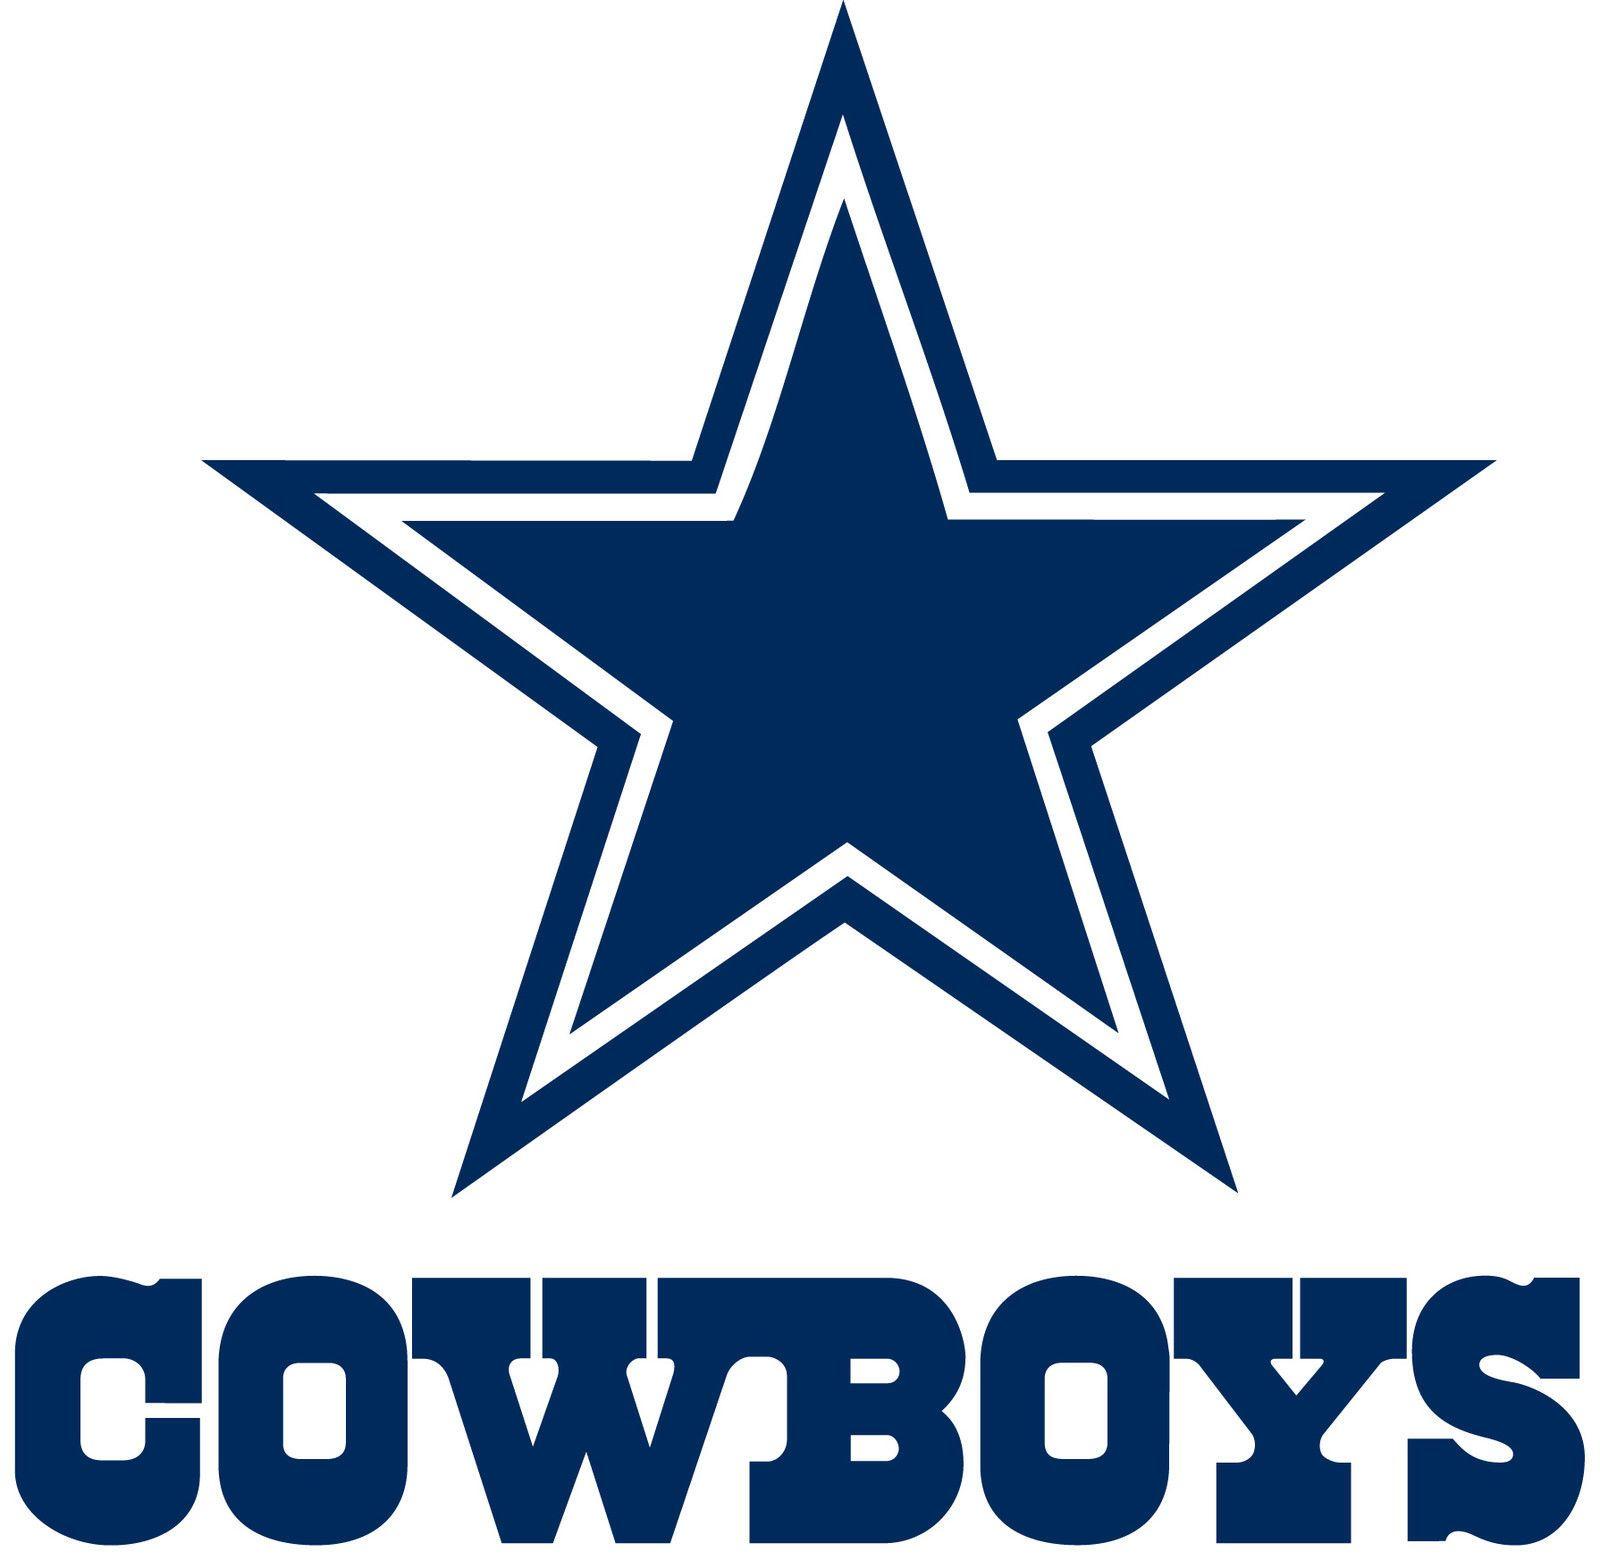 dallas cowboys logo window wall decal vinyl car sticker any rh za pinterest com dallas cowboys logos images dallas cowboys helmet logo images